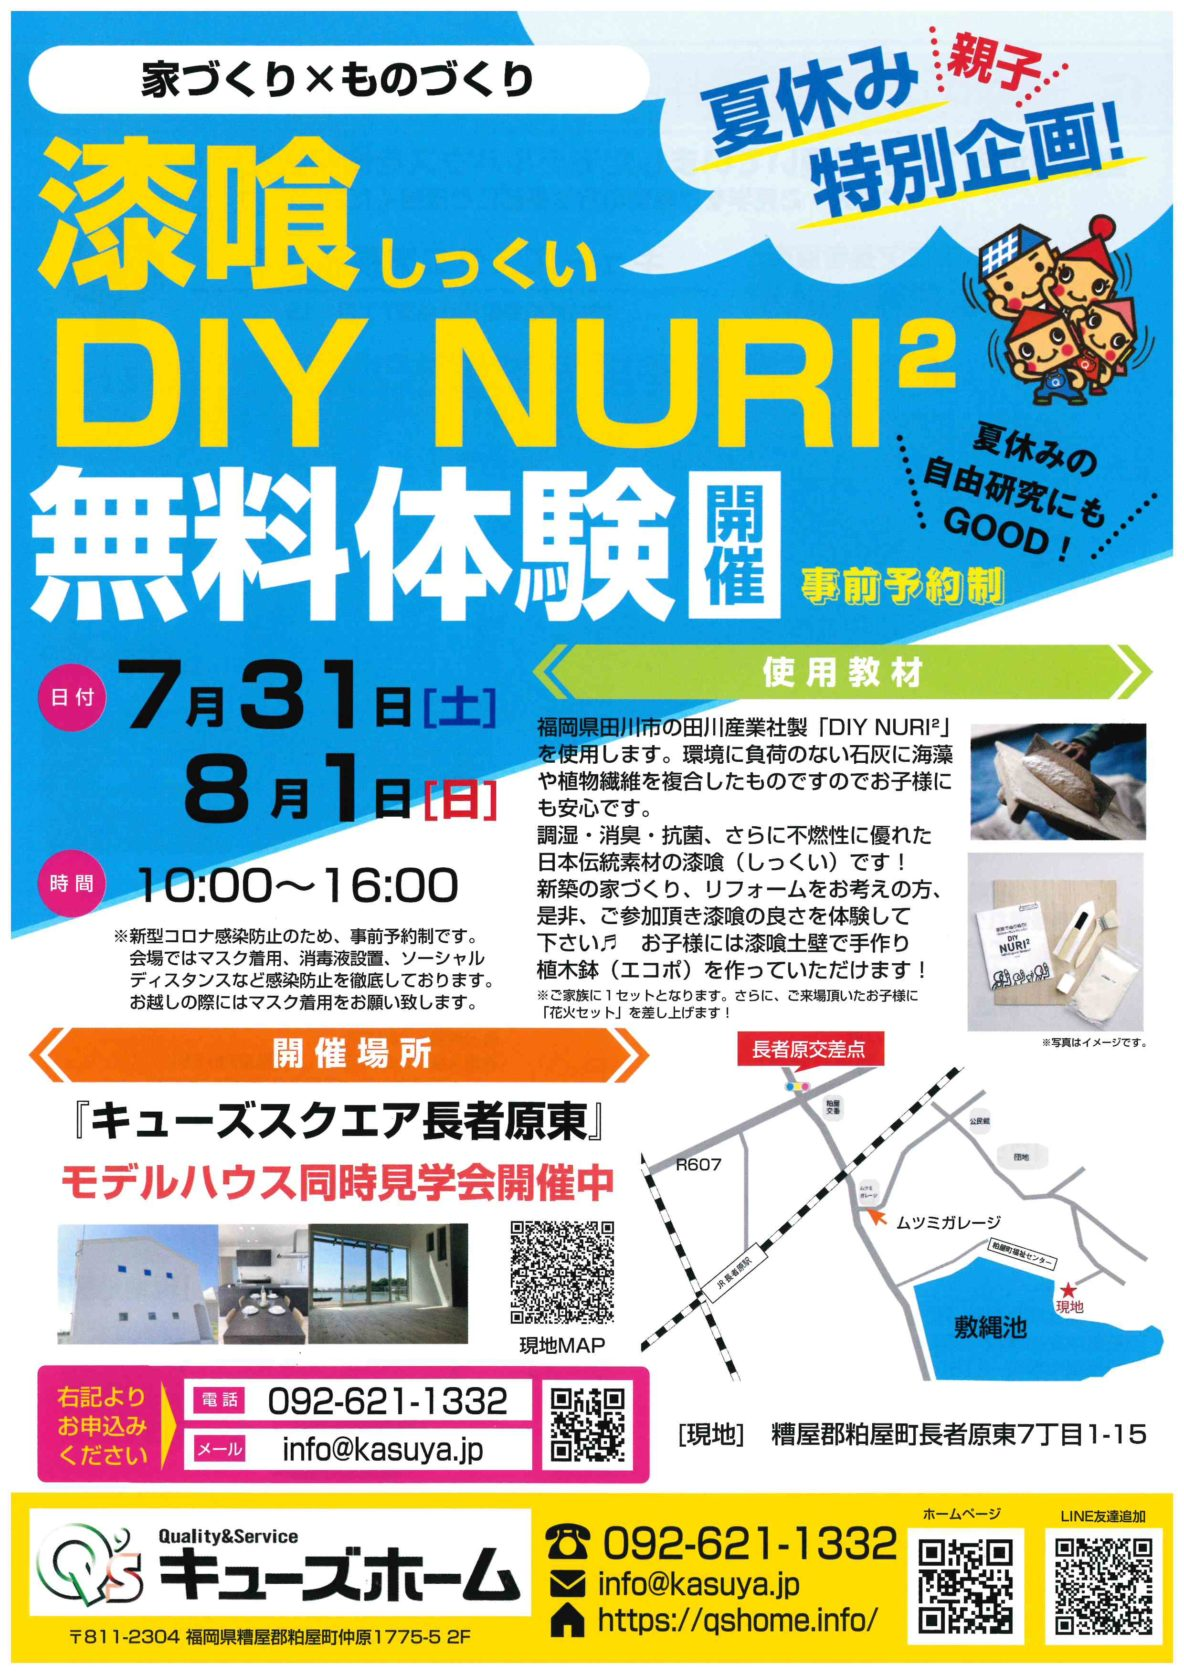 イベントDIY NURI²